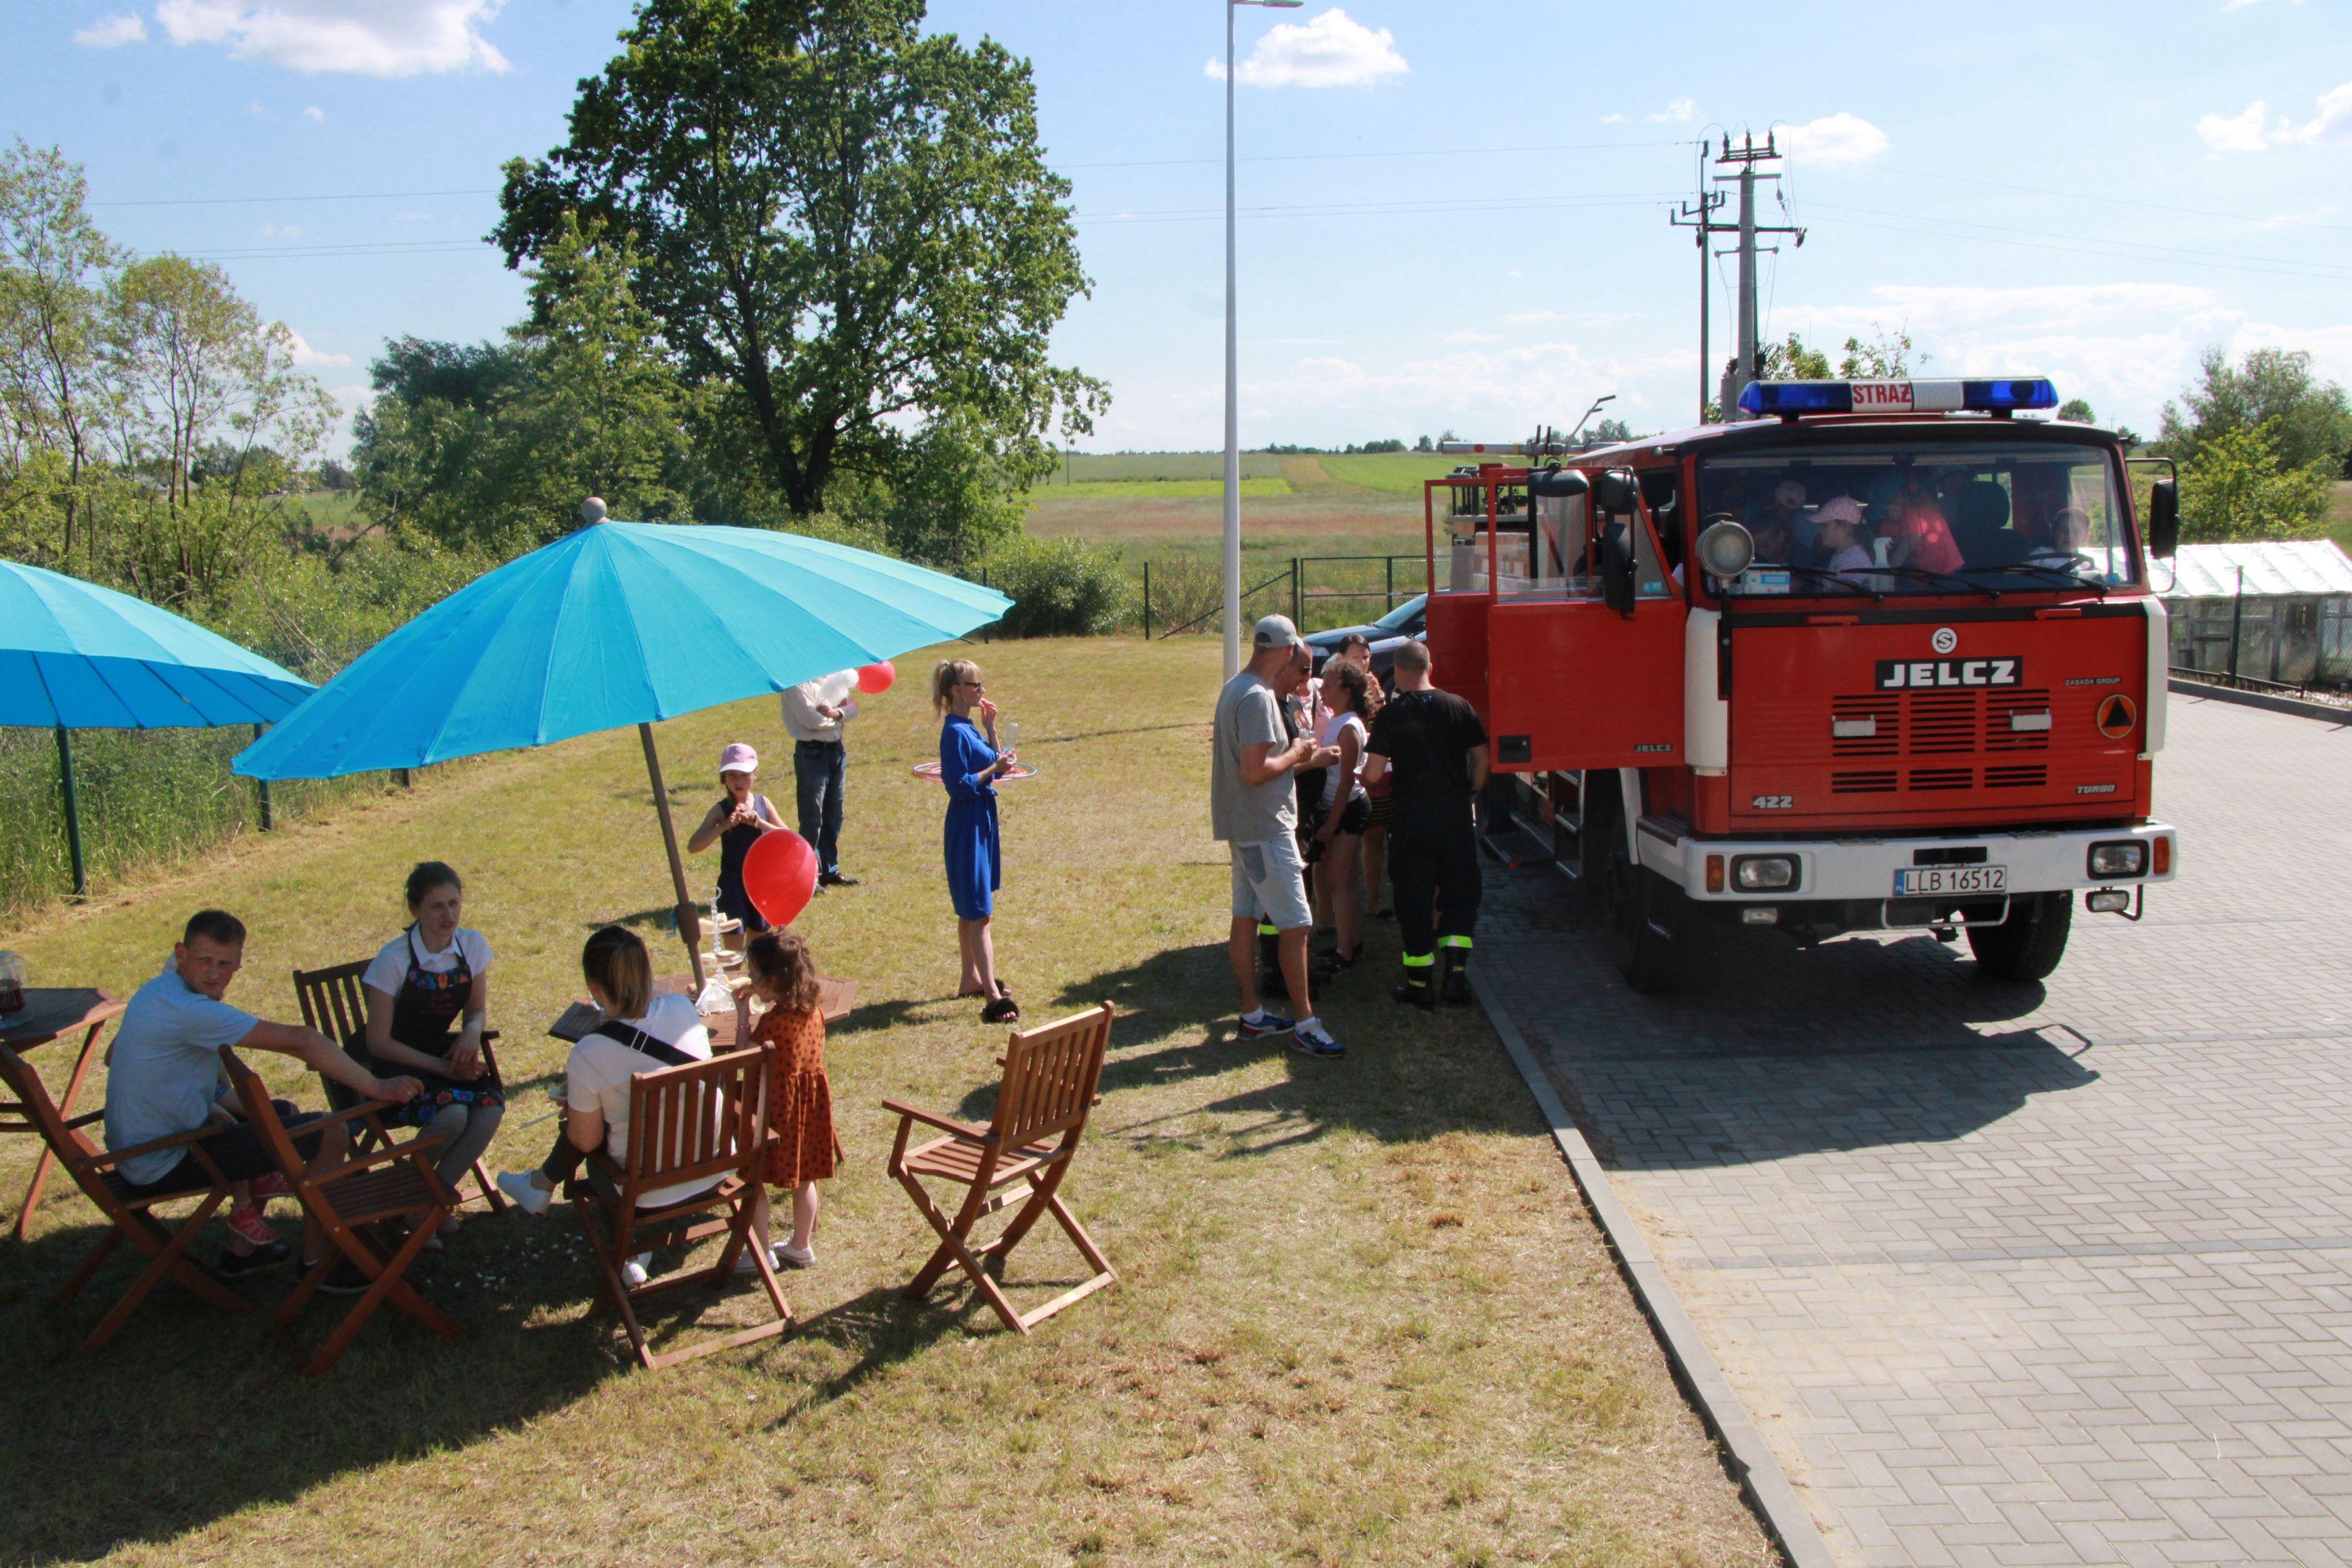 Gmina Lubartów: Dzień rodziny w Nowodworze. Strażacy polewali do mokrego podkoszulka (galeria) - Zdjęcie główne